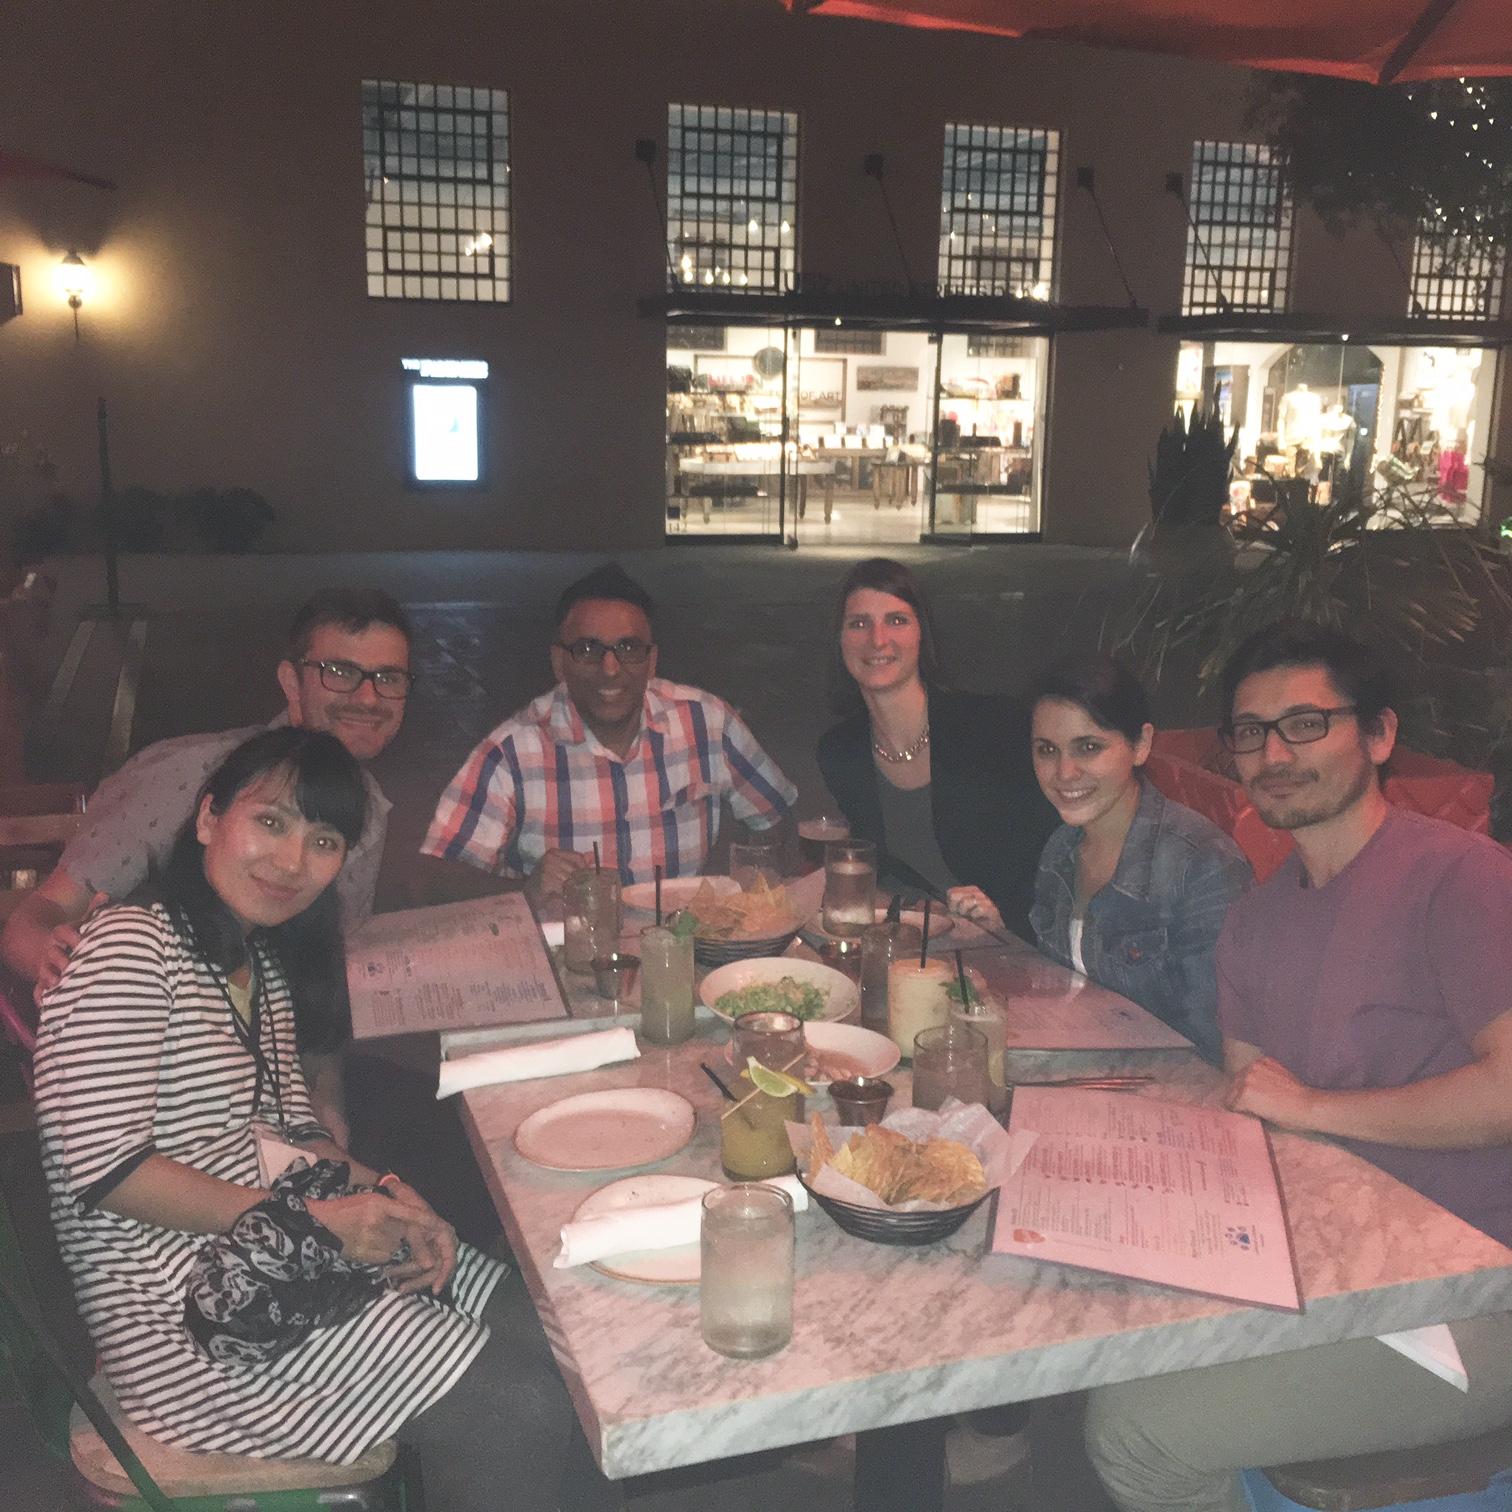 SFn 16 FullLab dinner at Puesto